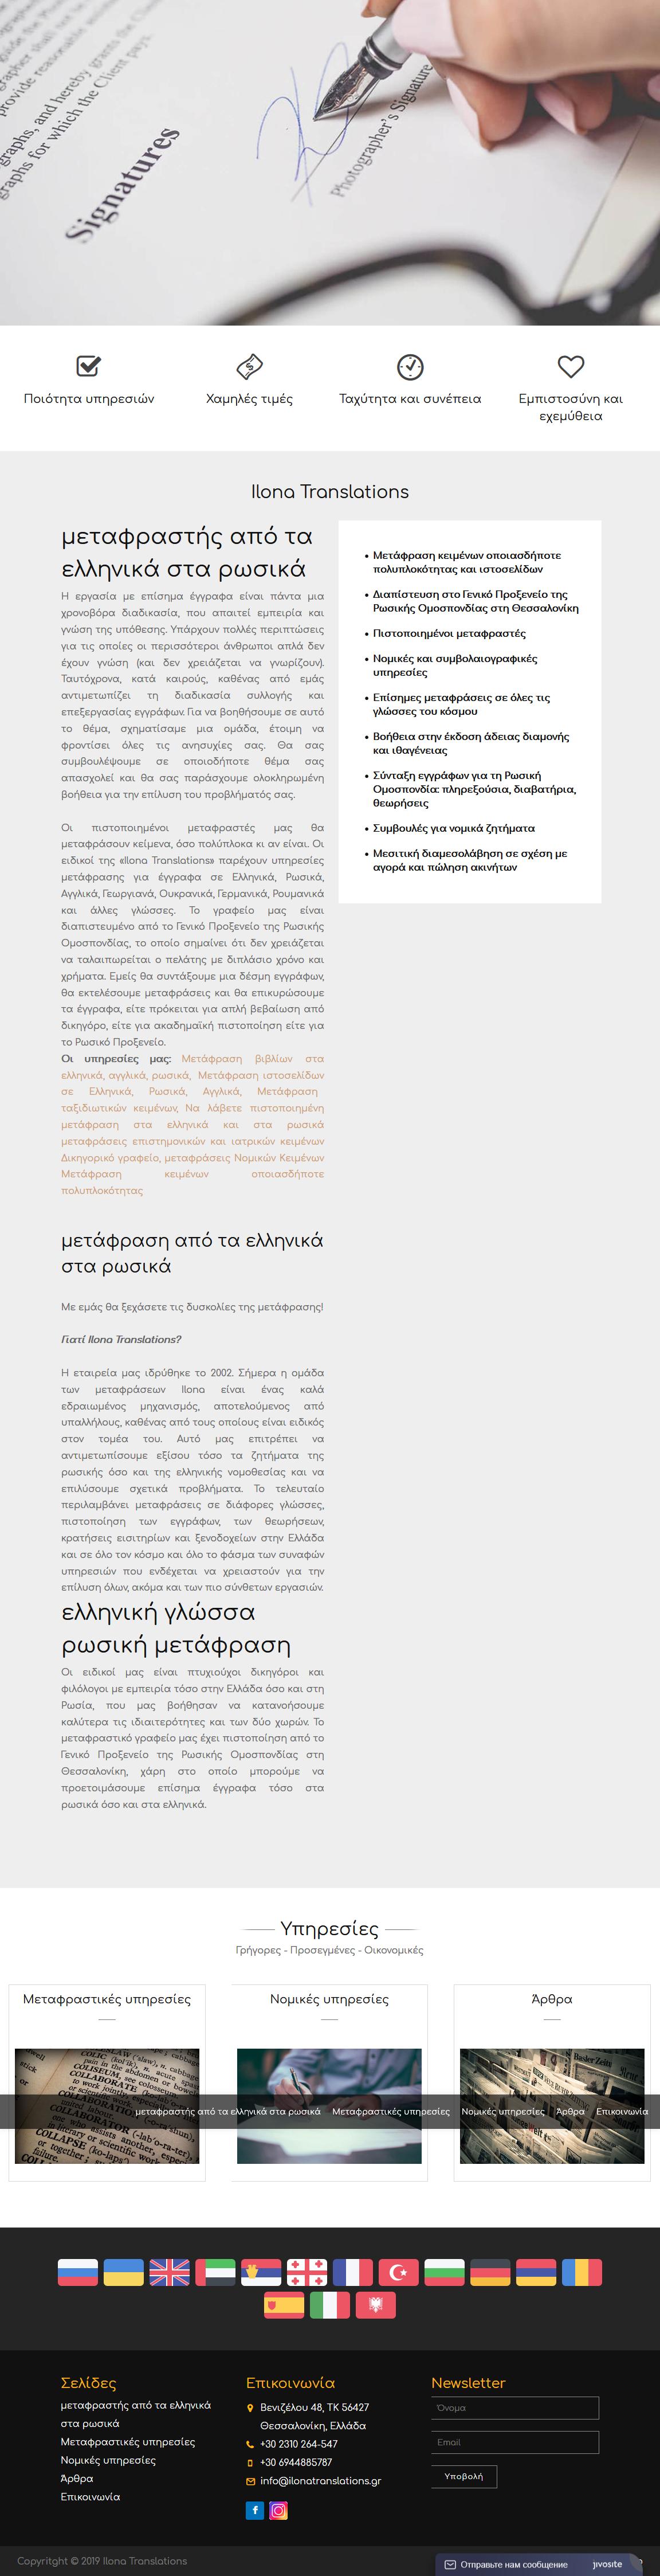 Оптимизация сайта на Греческом языке